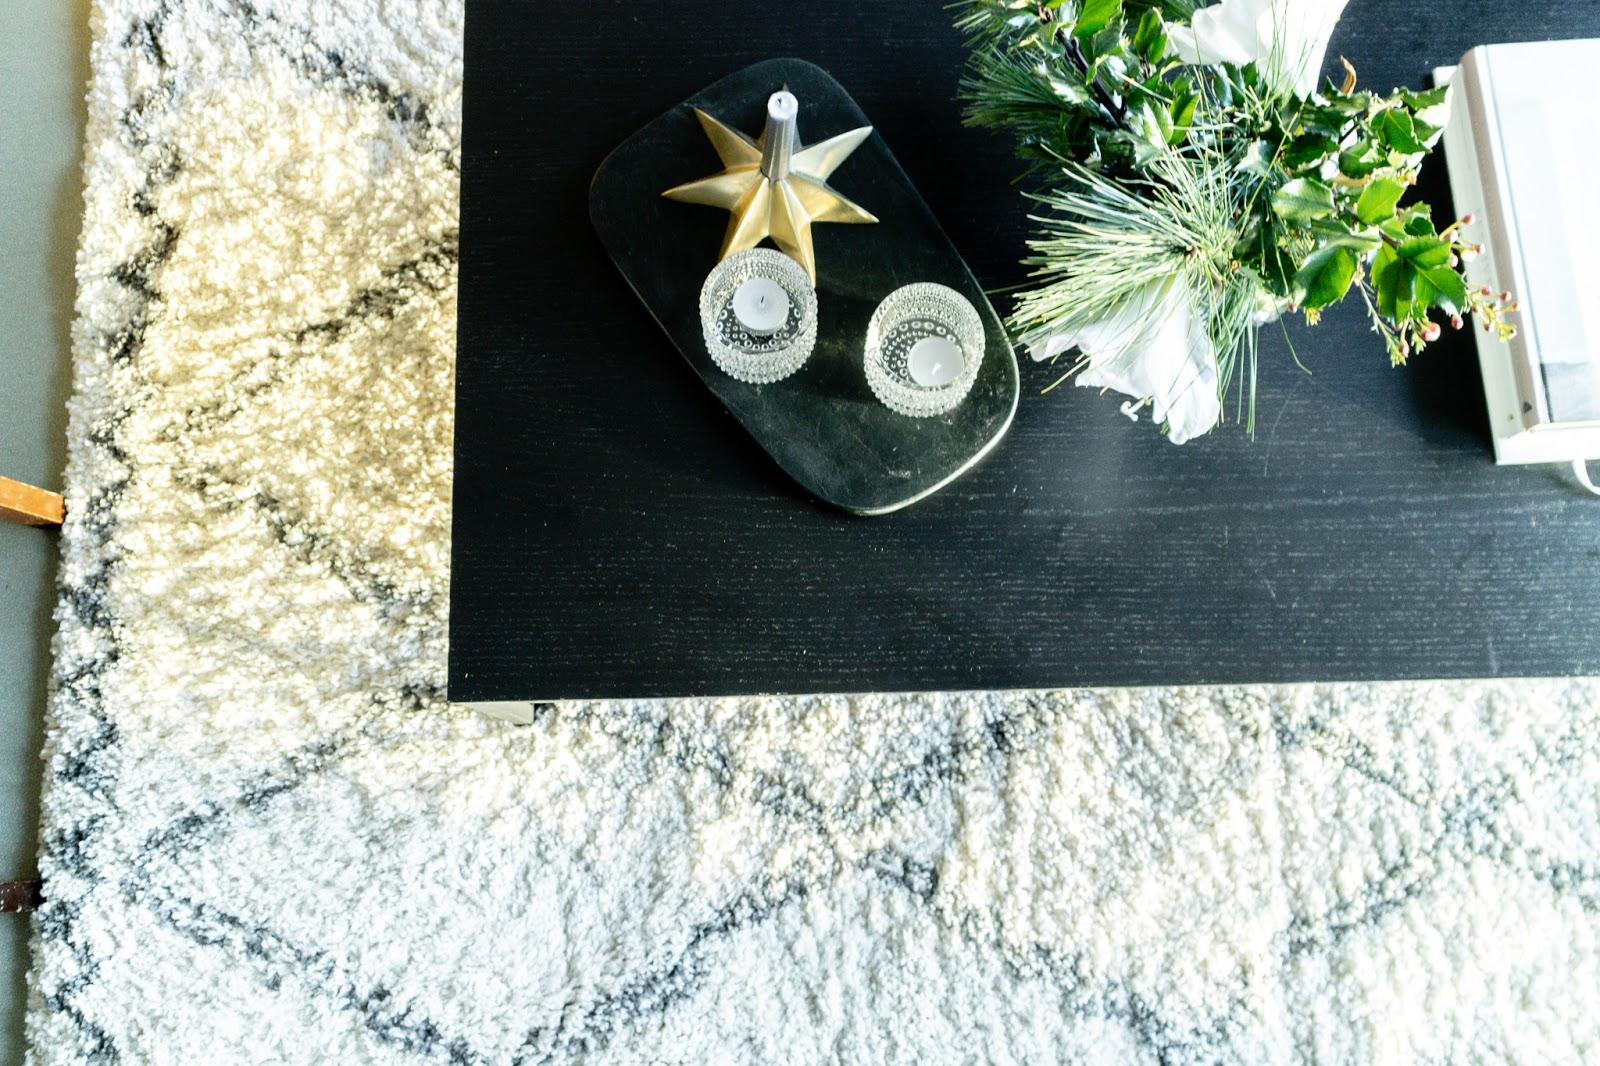 Big mamas home by Jenni S. Viikon suosikki: Designia second handina, Iittala Kastehelmi kynttilälyhty